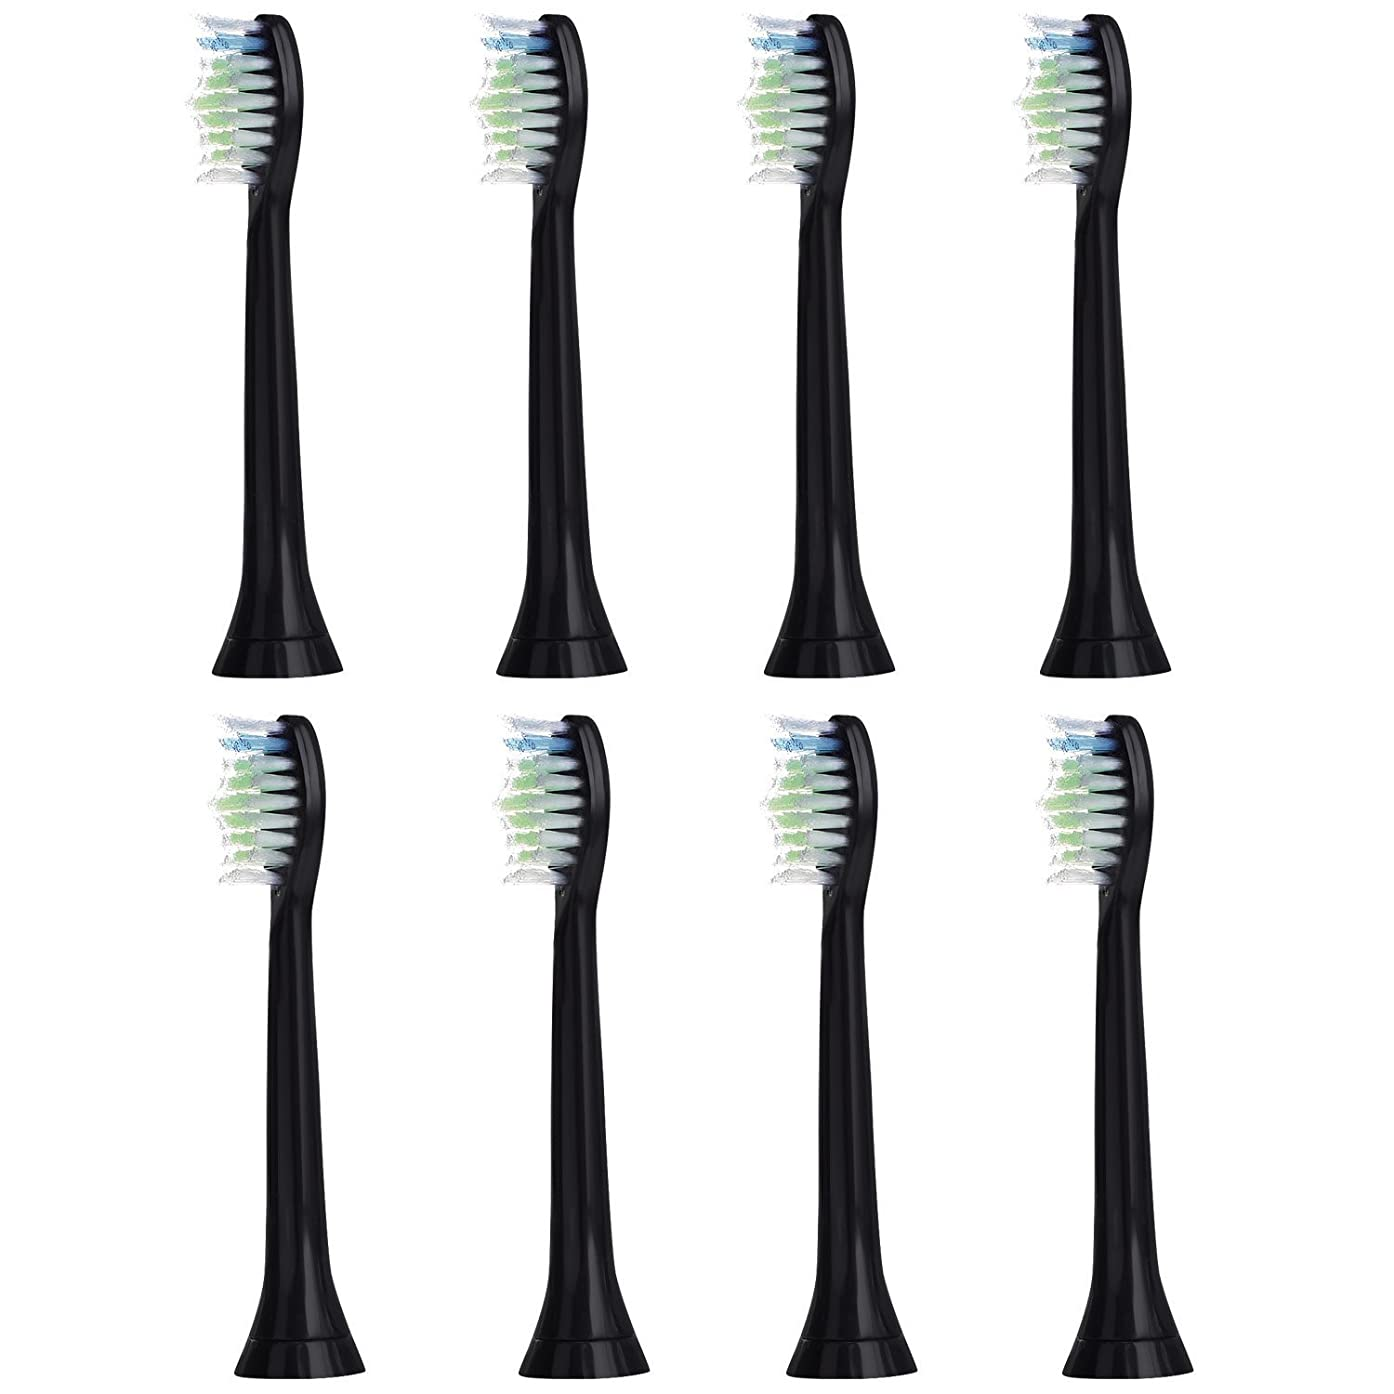 支給寄託議題8個セット (2x4) E-Cron? Philips ソニッケアーダイヤモンドクリーン ブラック替ブラシ。次のフィリップス電動歯ブラシのモデルとの完全互換性があります: DiamondClean、FlexCare、FlexCare Platinum、 FlexCare(+)、 HealthyWhite、2シリーズ、EasyClean およびPowerUp。